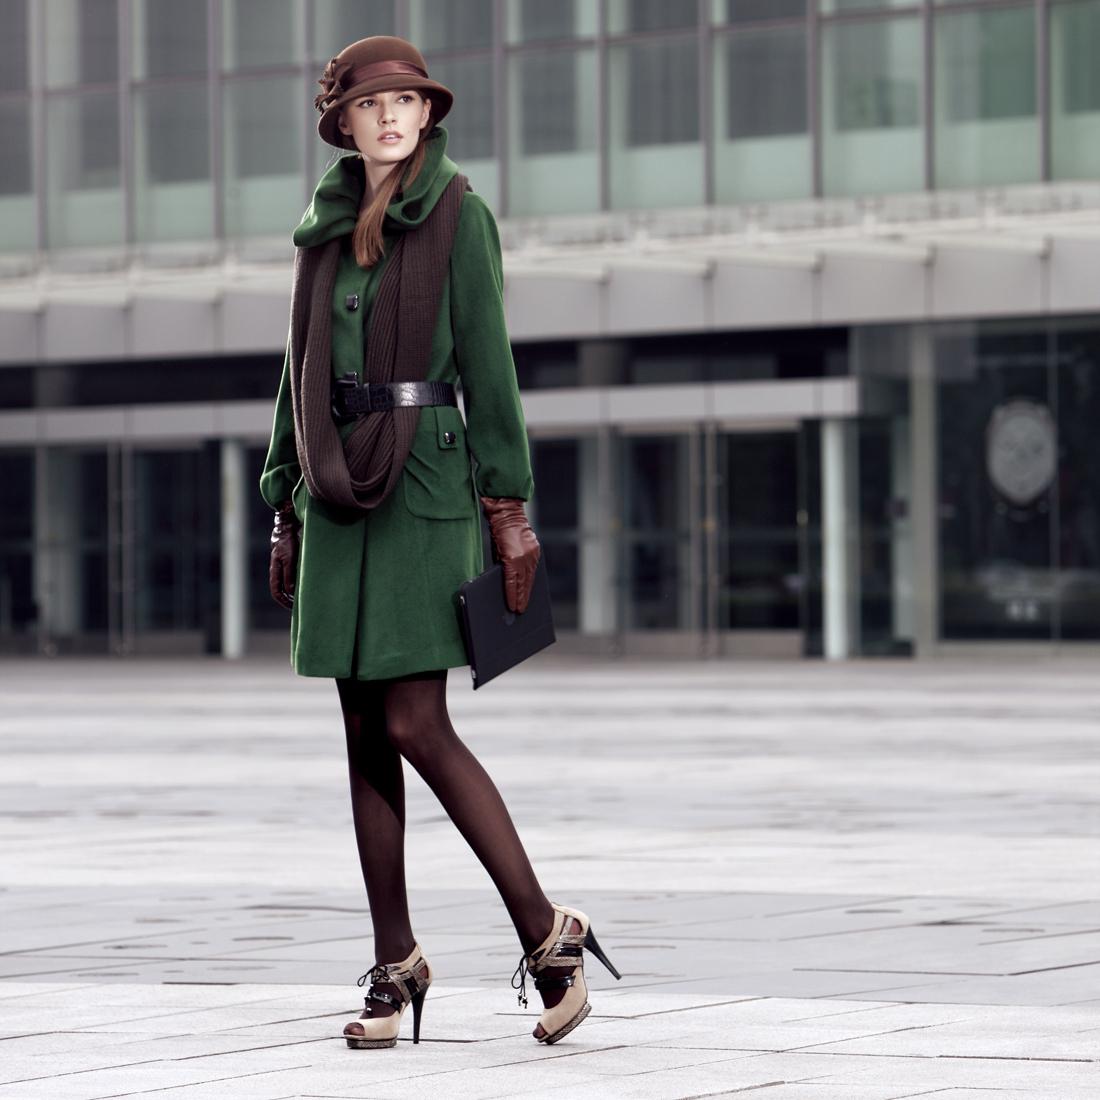 женское пальто Own's 02104060 Длинная модель (80 см<длина изделия ≤ 100 см) Own's / one-man show Длинный рукав Классический рукав